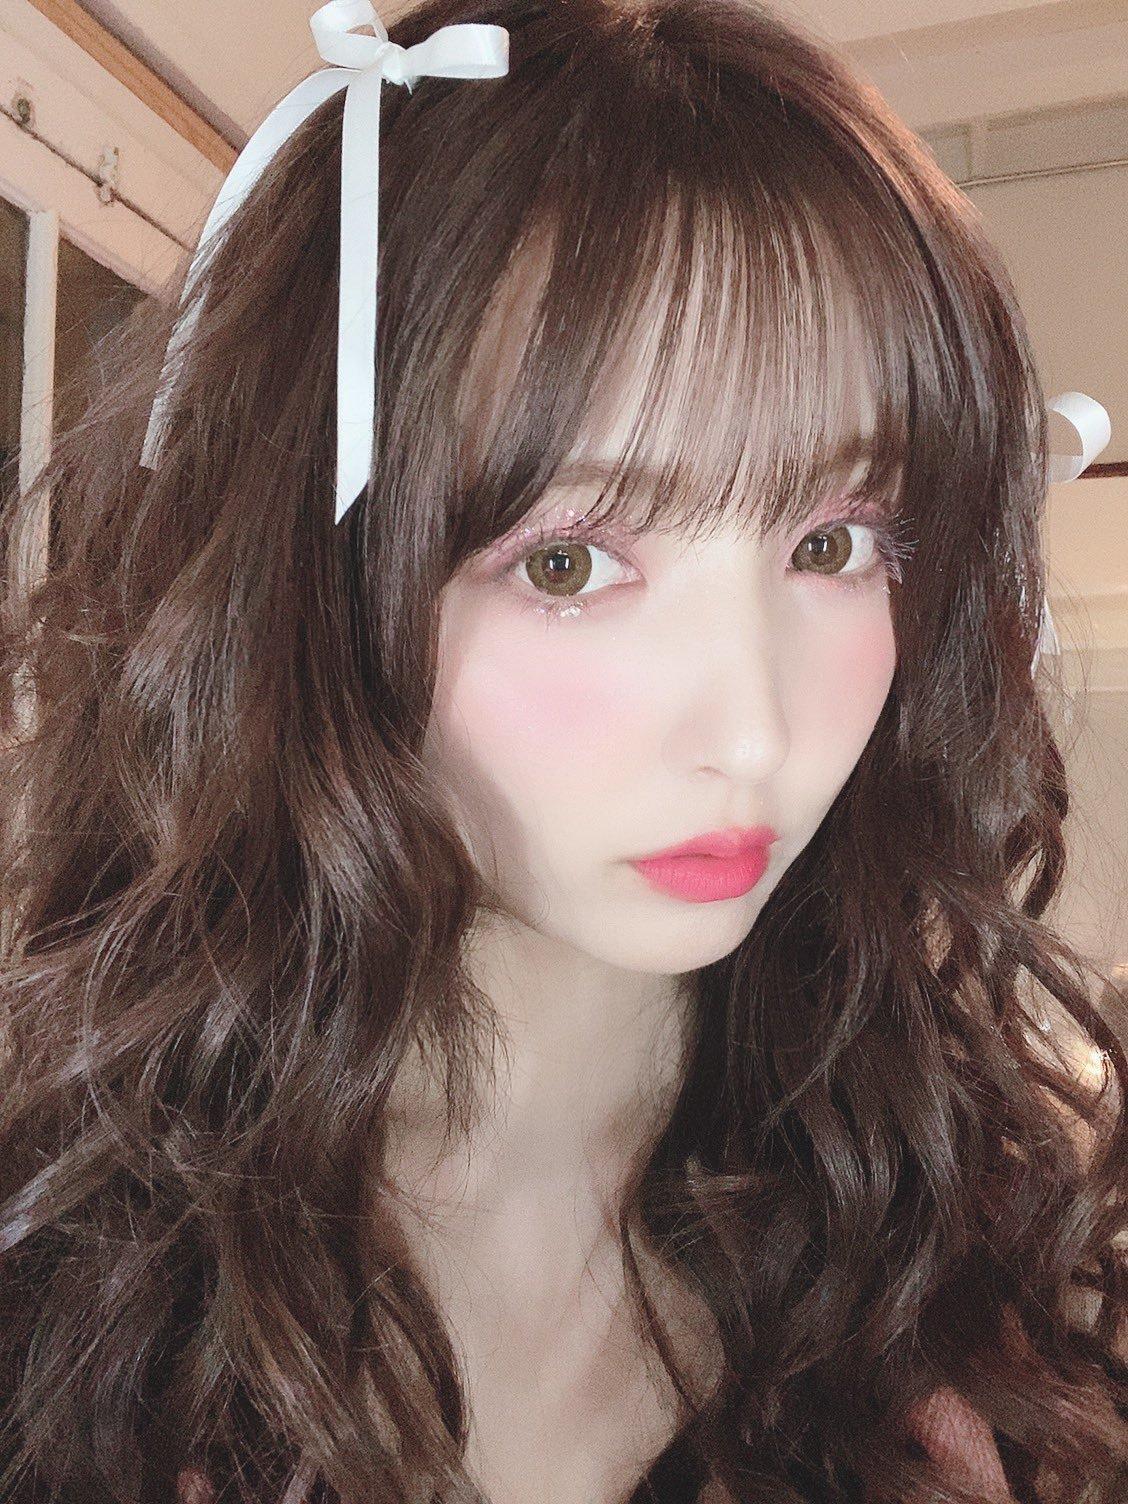 yua_mikami 1268773845286006784_p0